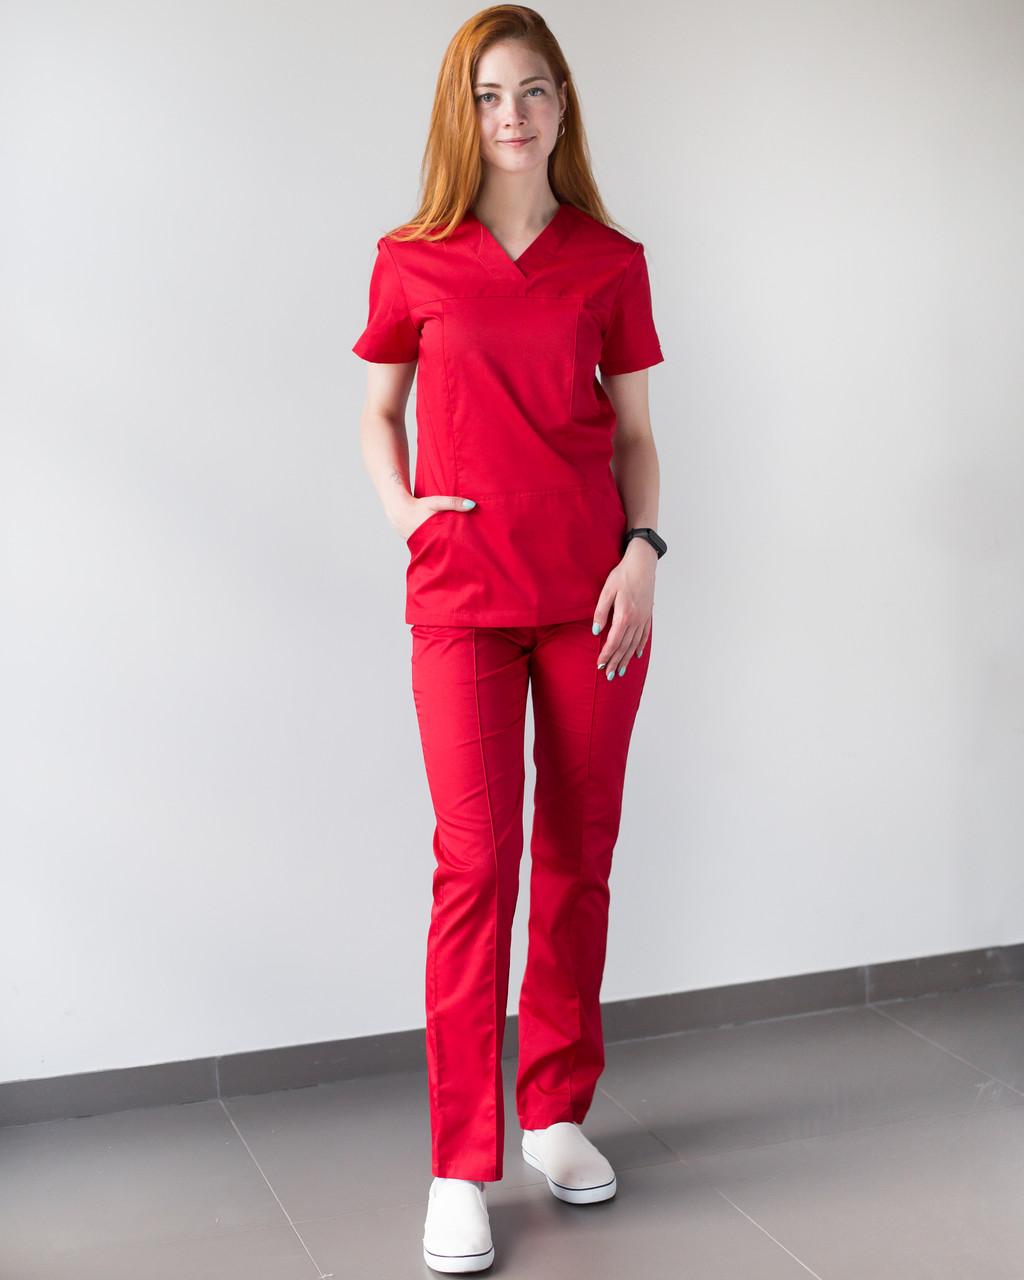 Медицинский женский костюм Топаз красный